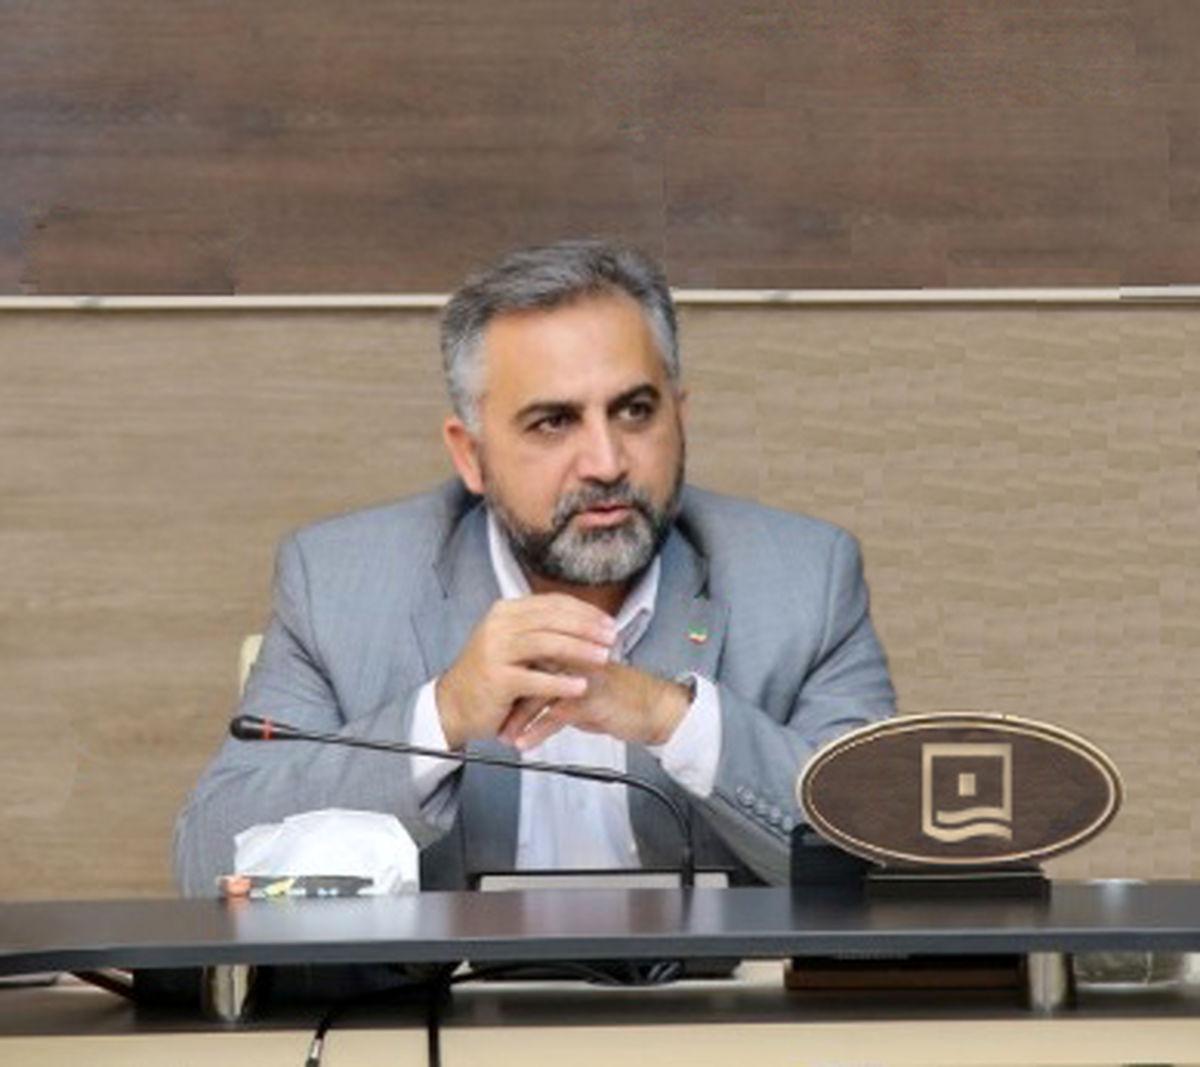 ایجاد هزار فرصت شغلی جدید در منطقه ویژه اقتصادی خلیجفارس